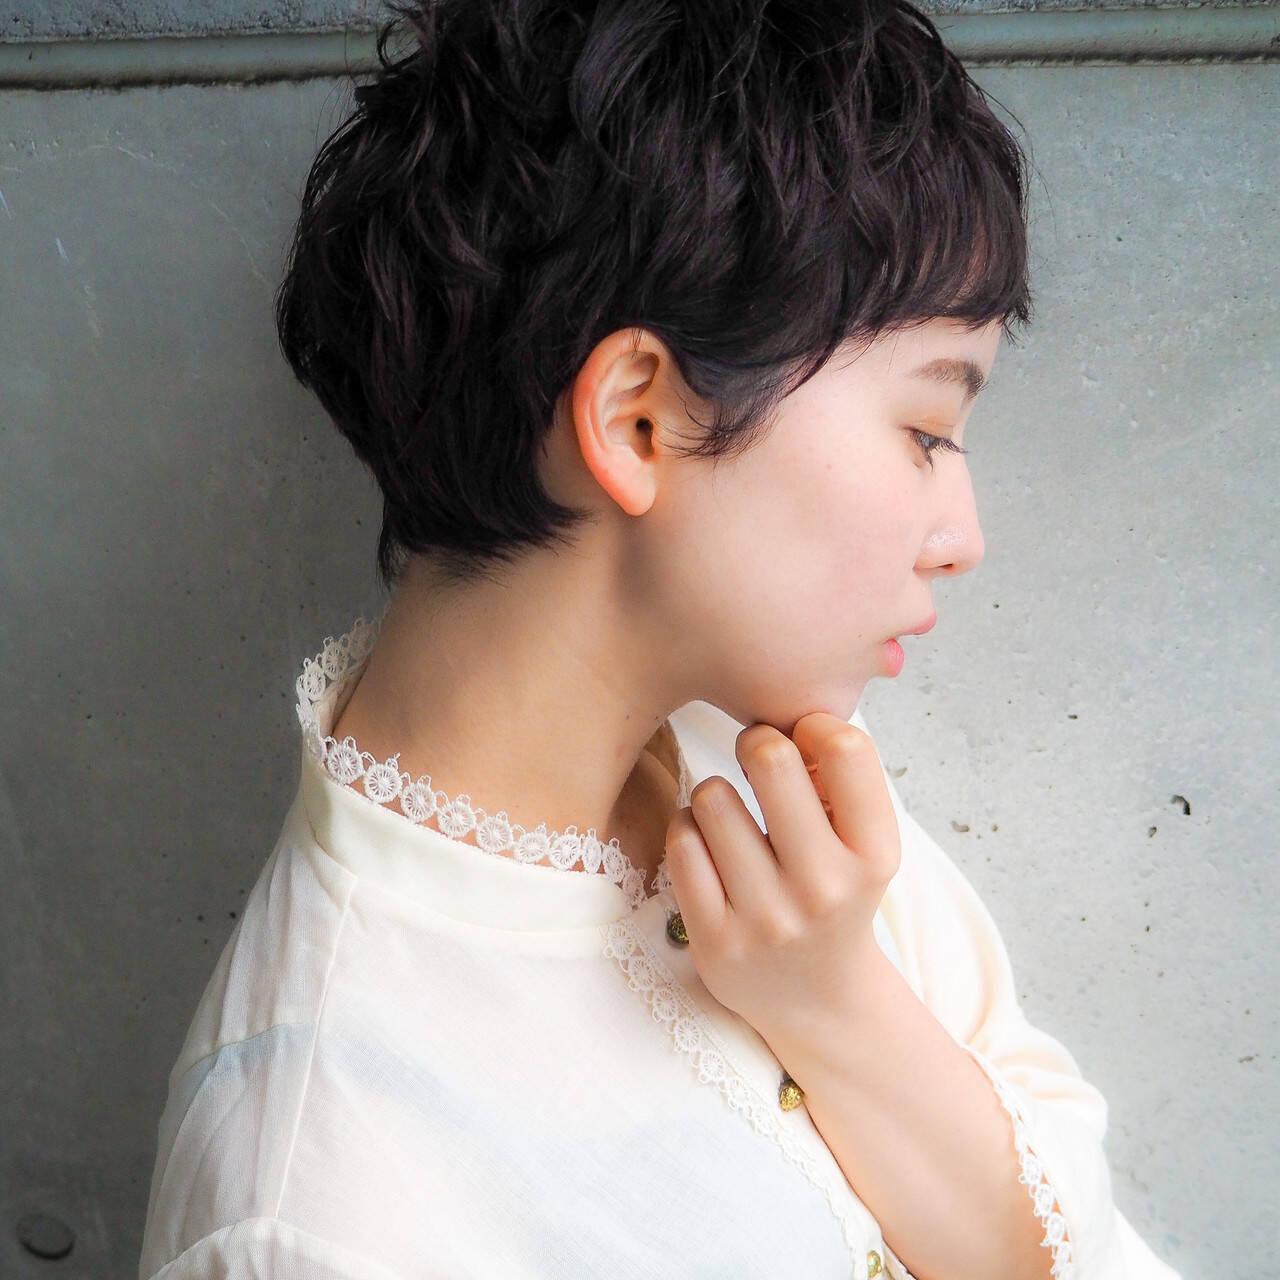 ショート 大人かわいい ベリーショート ショートボブヘアスタイルや髪型の写真・画像